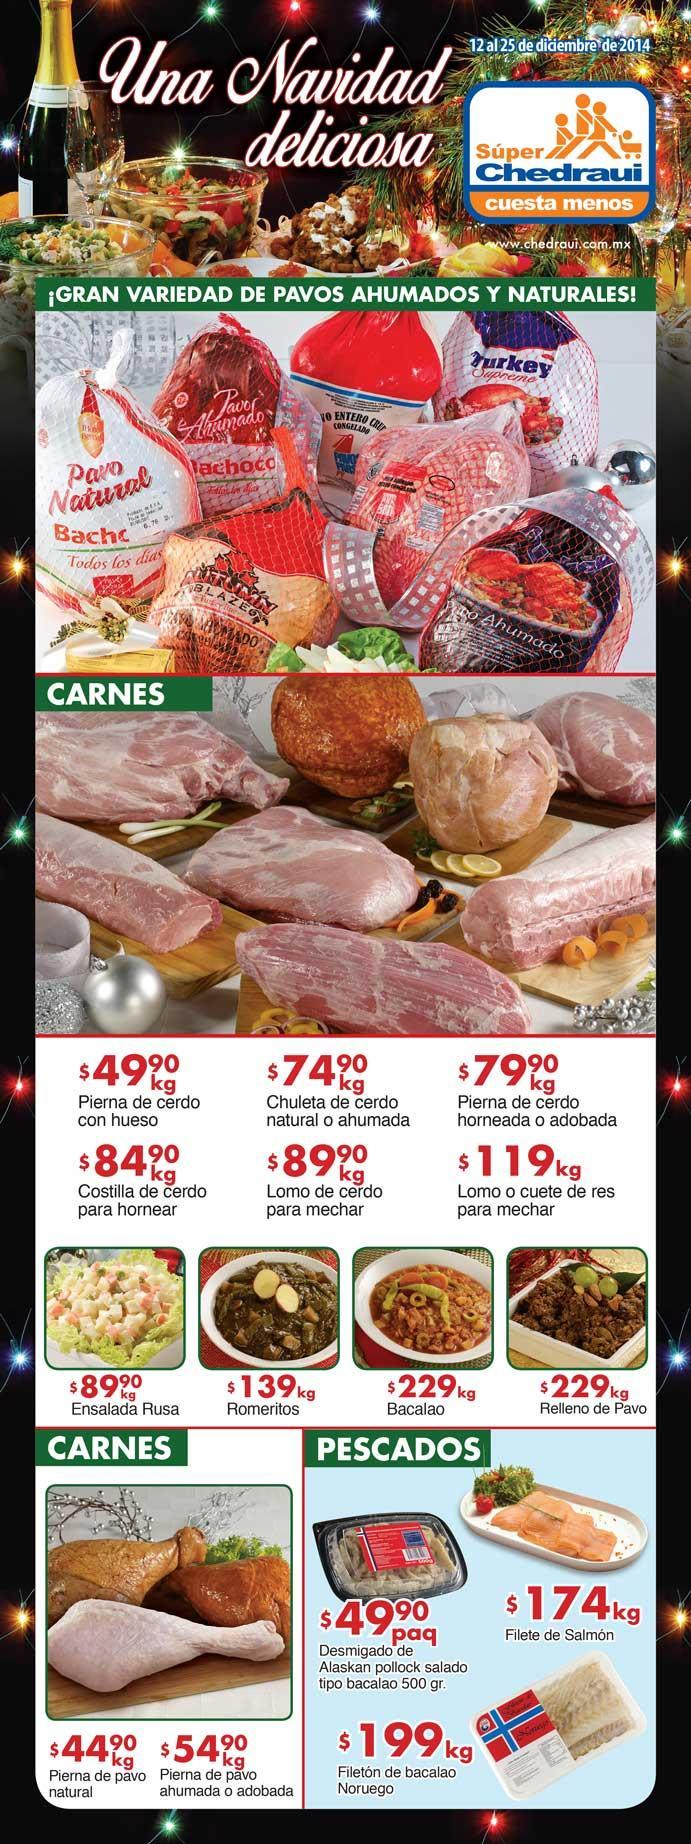 Folleto de ofertas en Chedraui del 12 al 25 de Diciembre